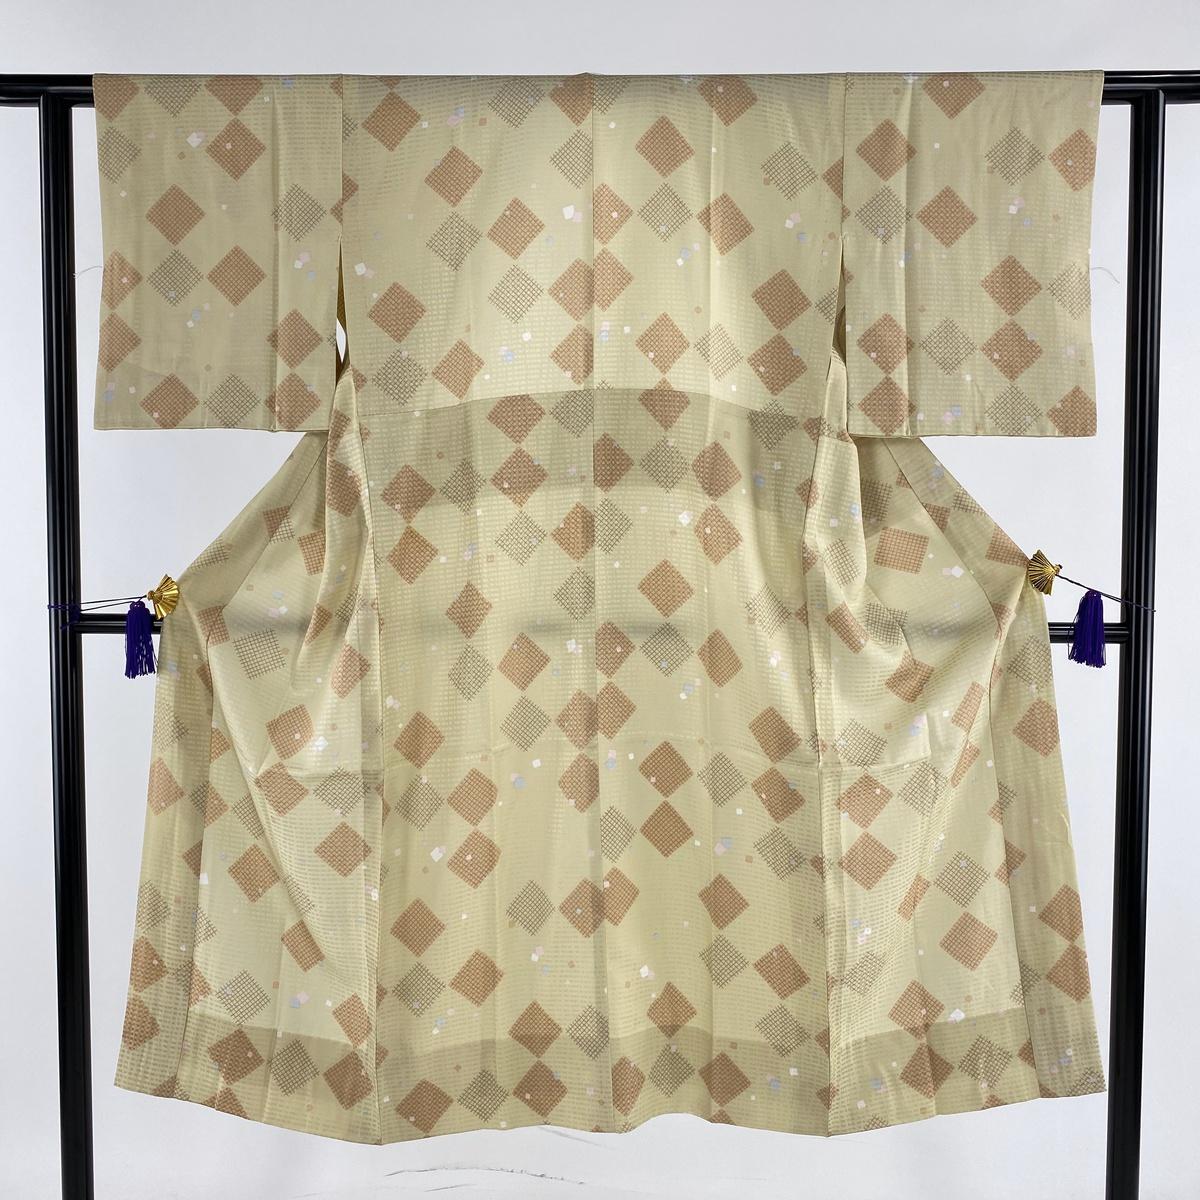 長襦袢 美品 名品 落款あり 幾何学 地紋 黄緑色 身丈132cm 裄丈60cm S 正絹 【中古】